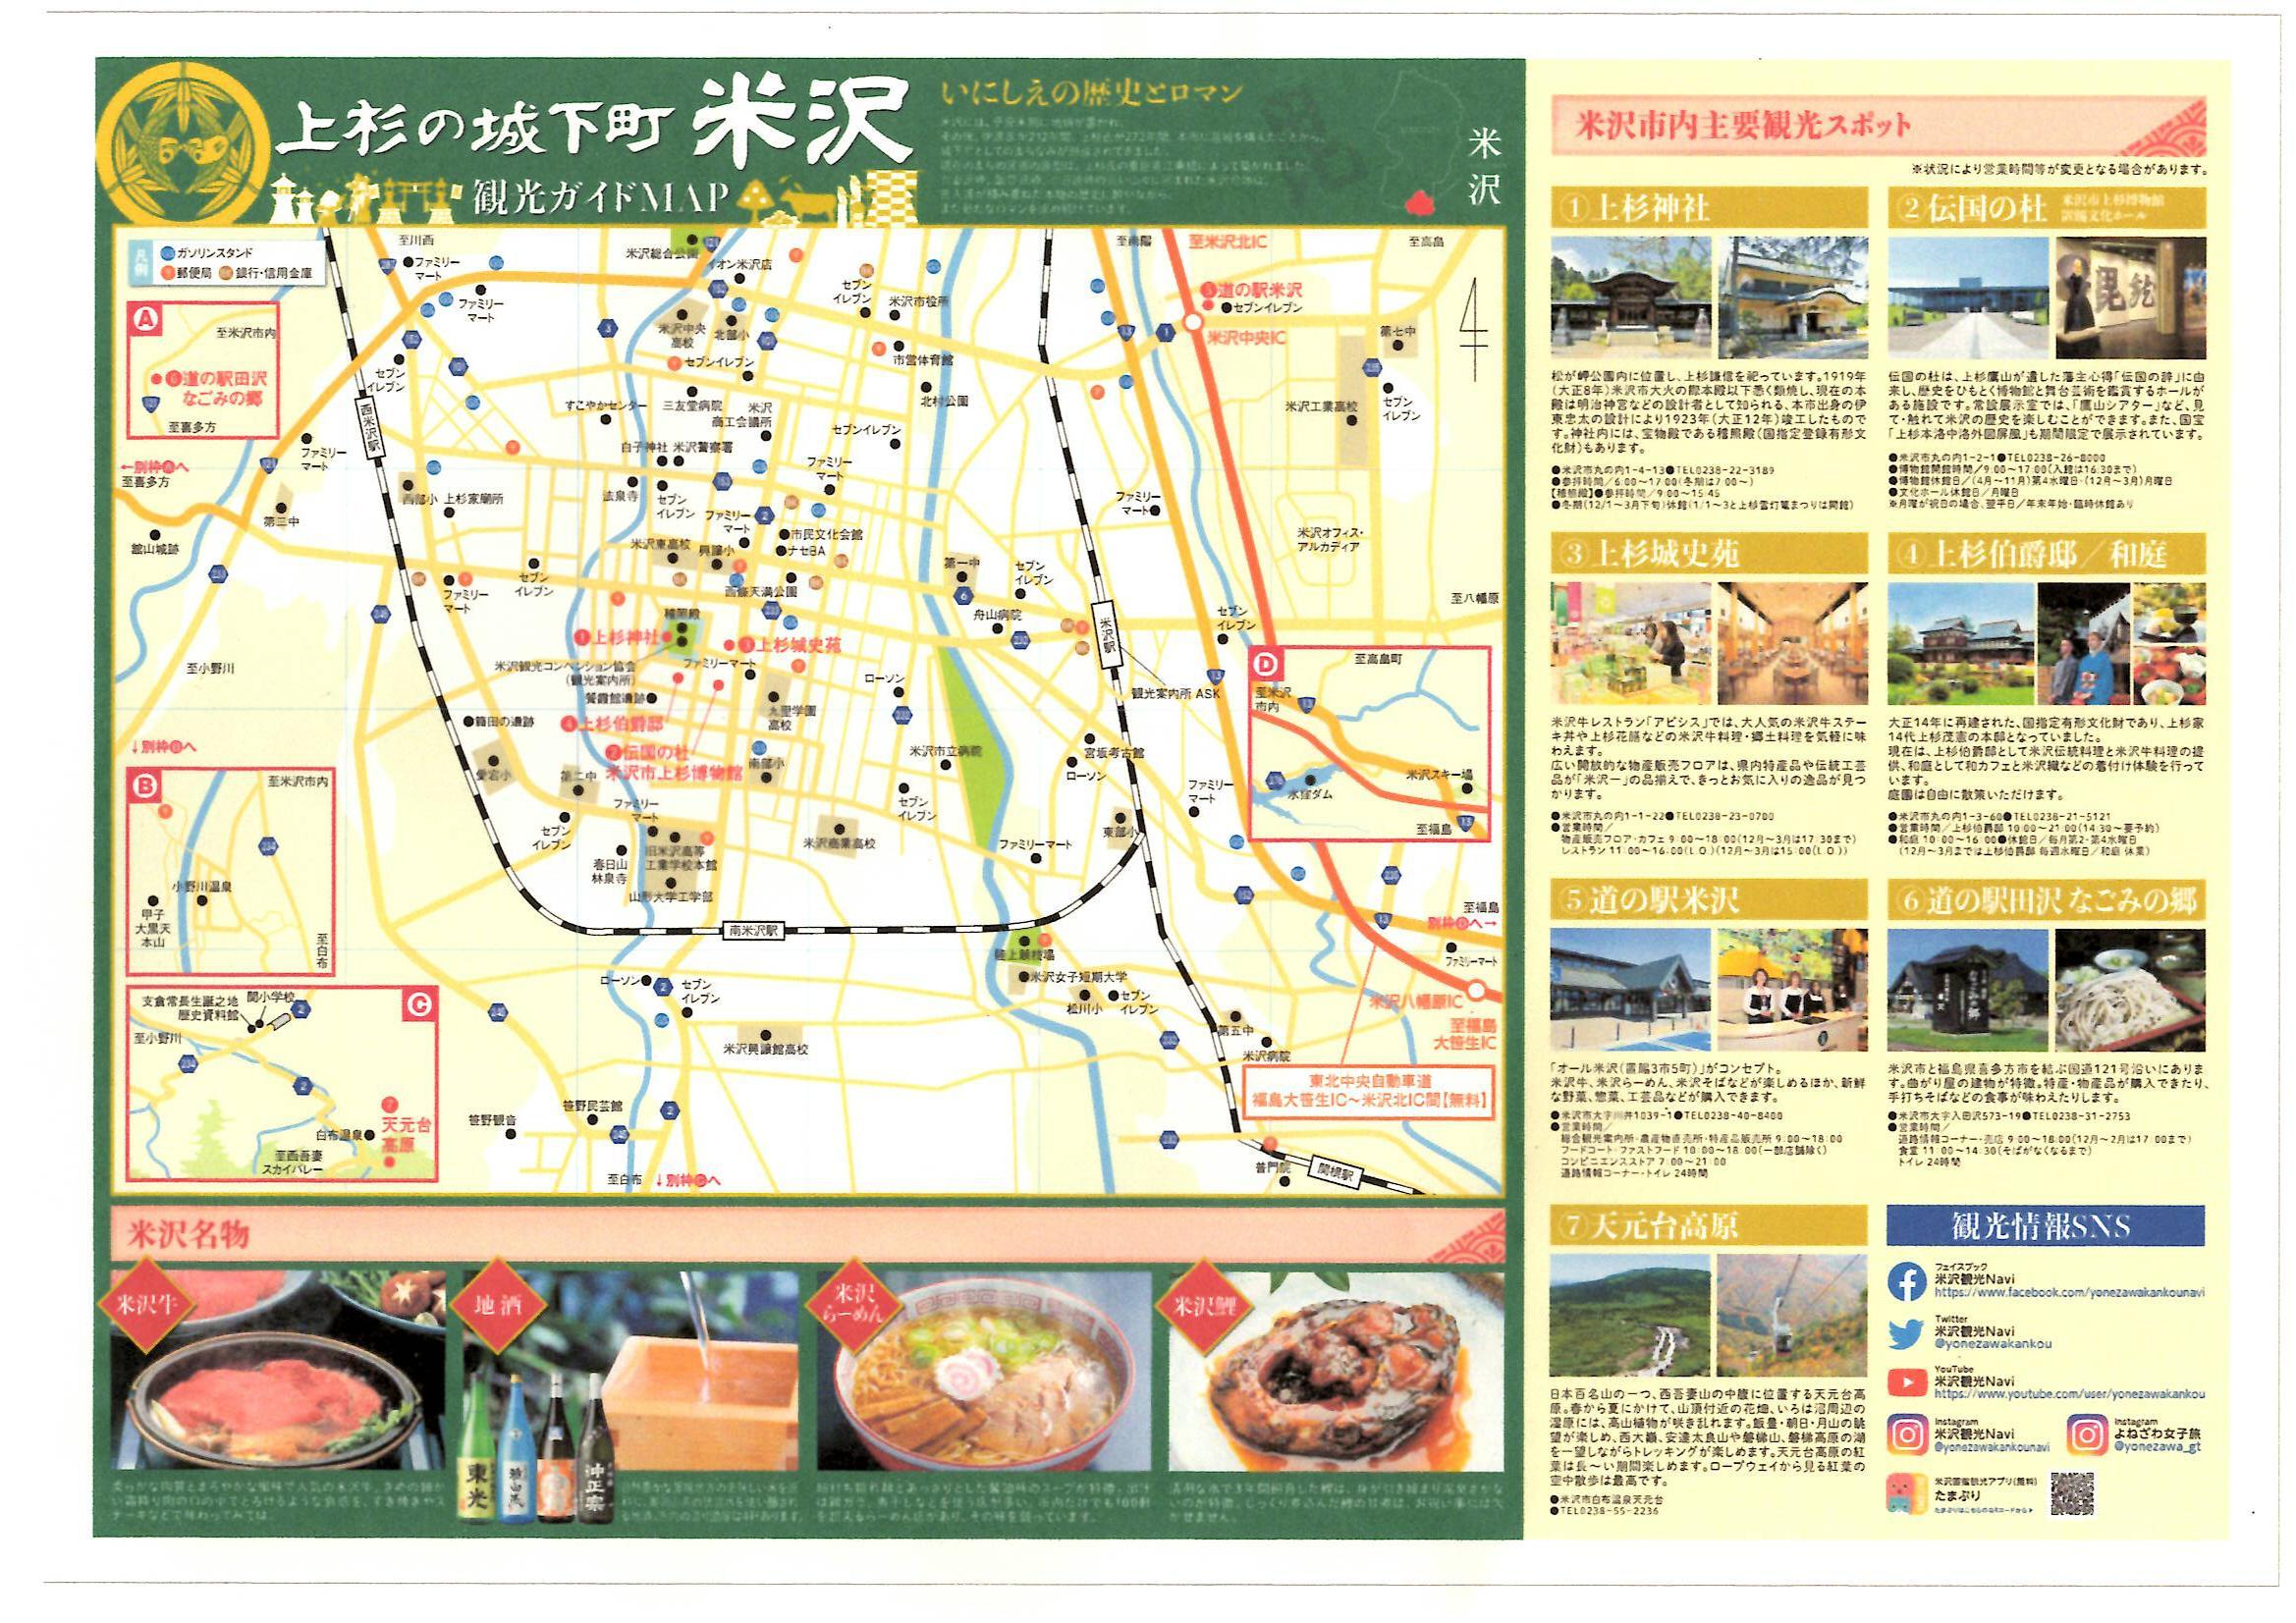 東北6県・新潟県民限定 ステイホームありがとう!宿で癒されてキャンペーン(内容変更のお知らせ)